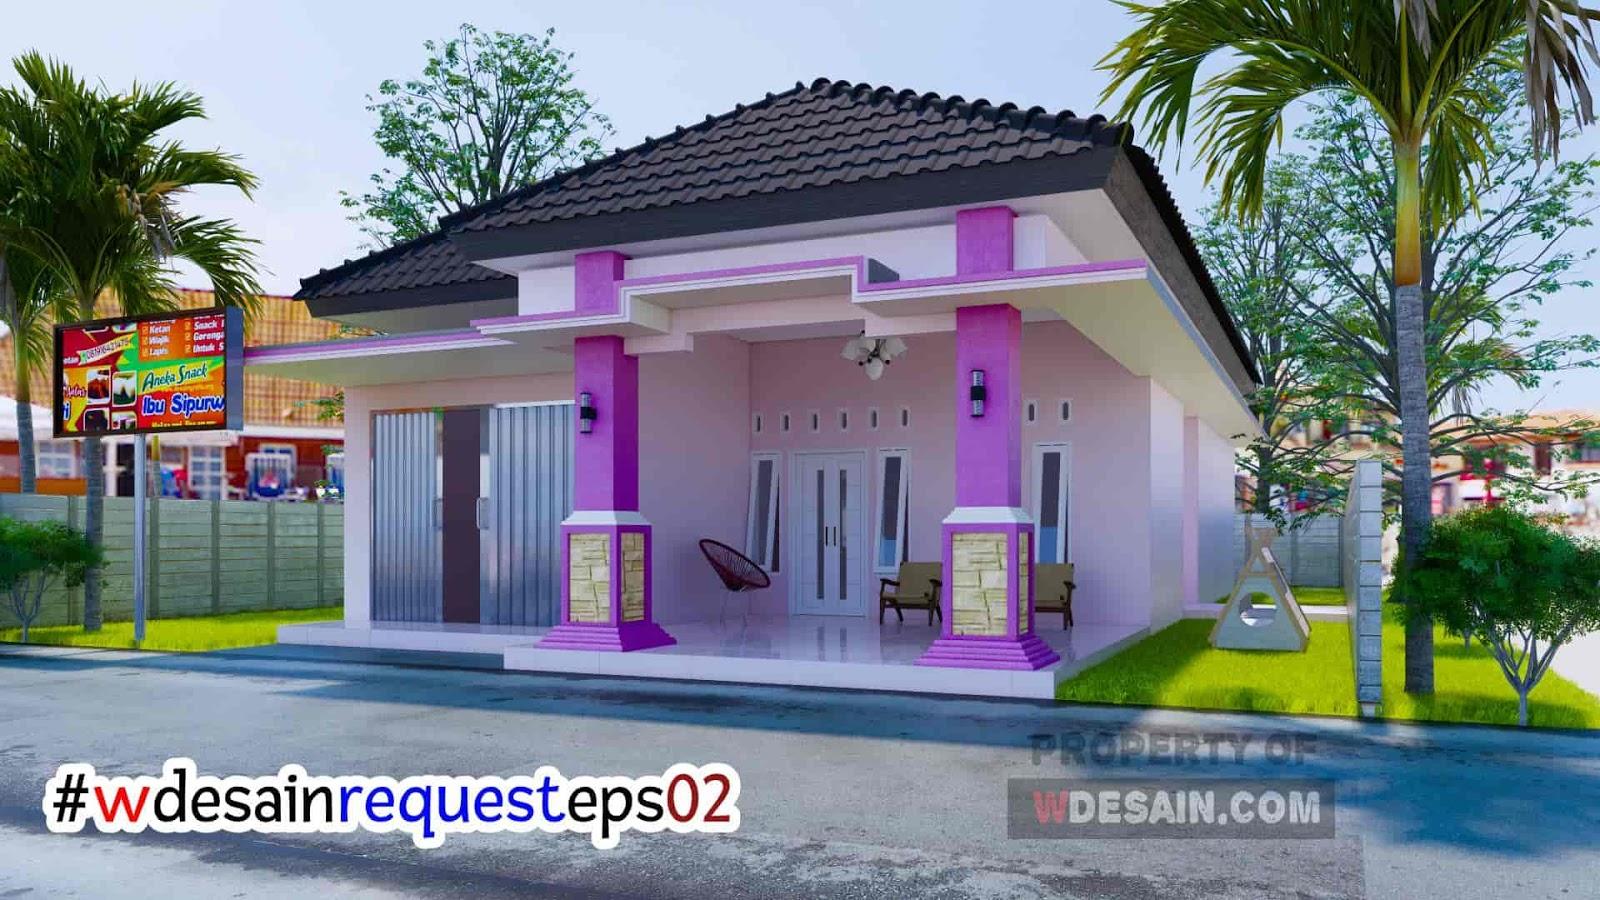 Desain Rumah Minimalis 3 Kamar 1 Mushola Dan Toko Desain Rumah Minimalis